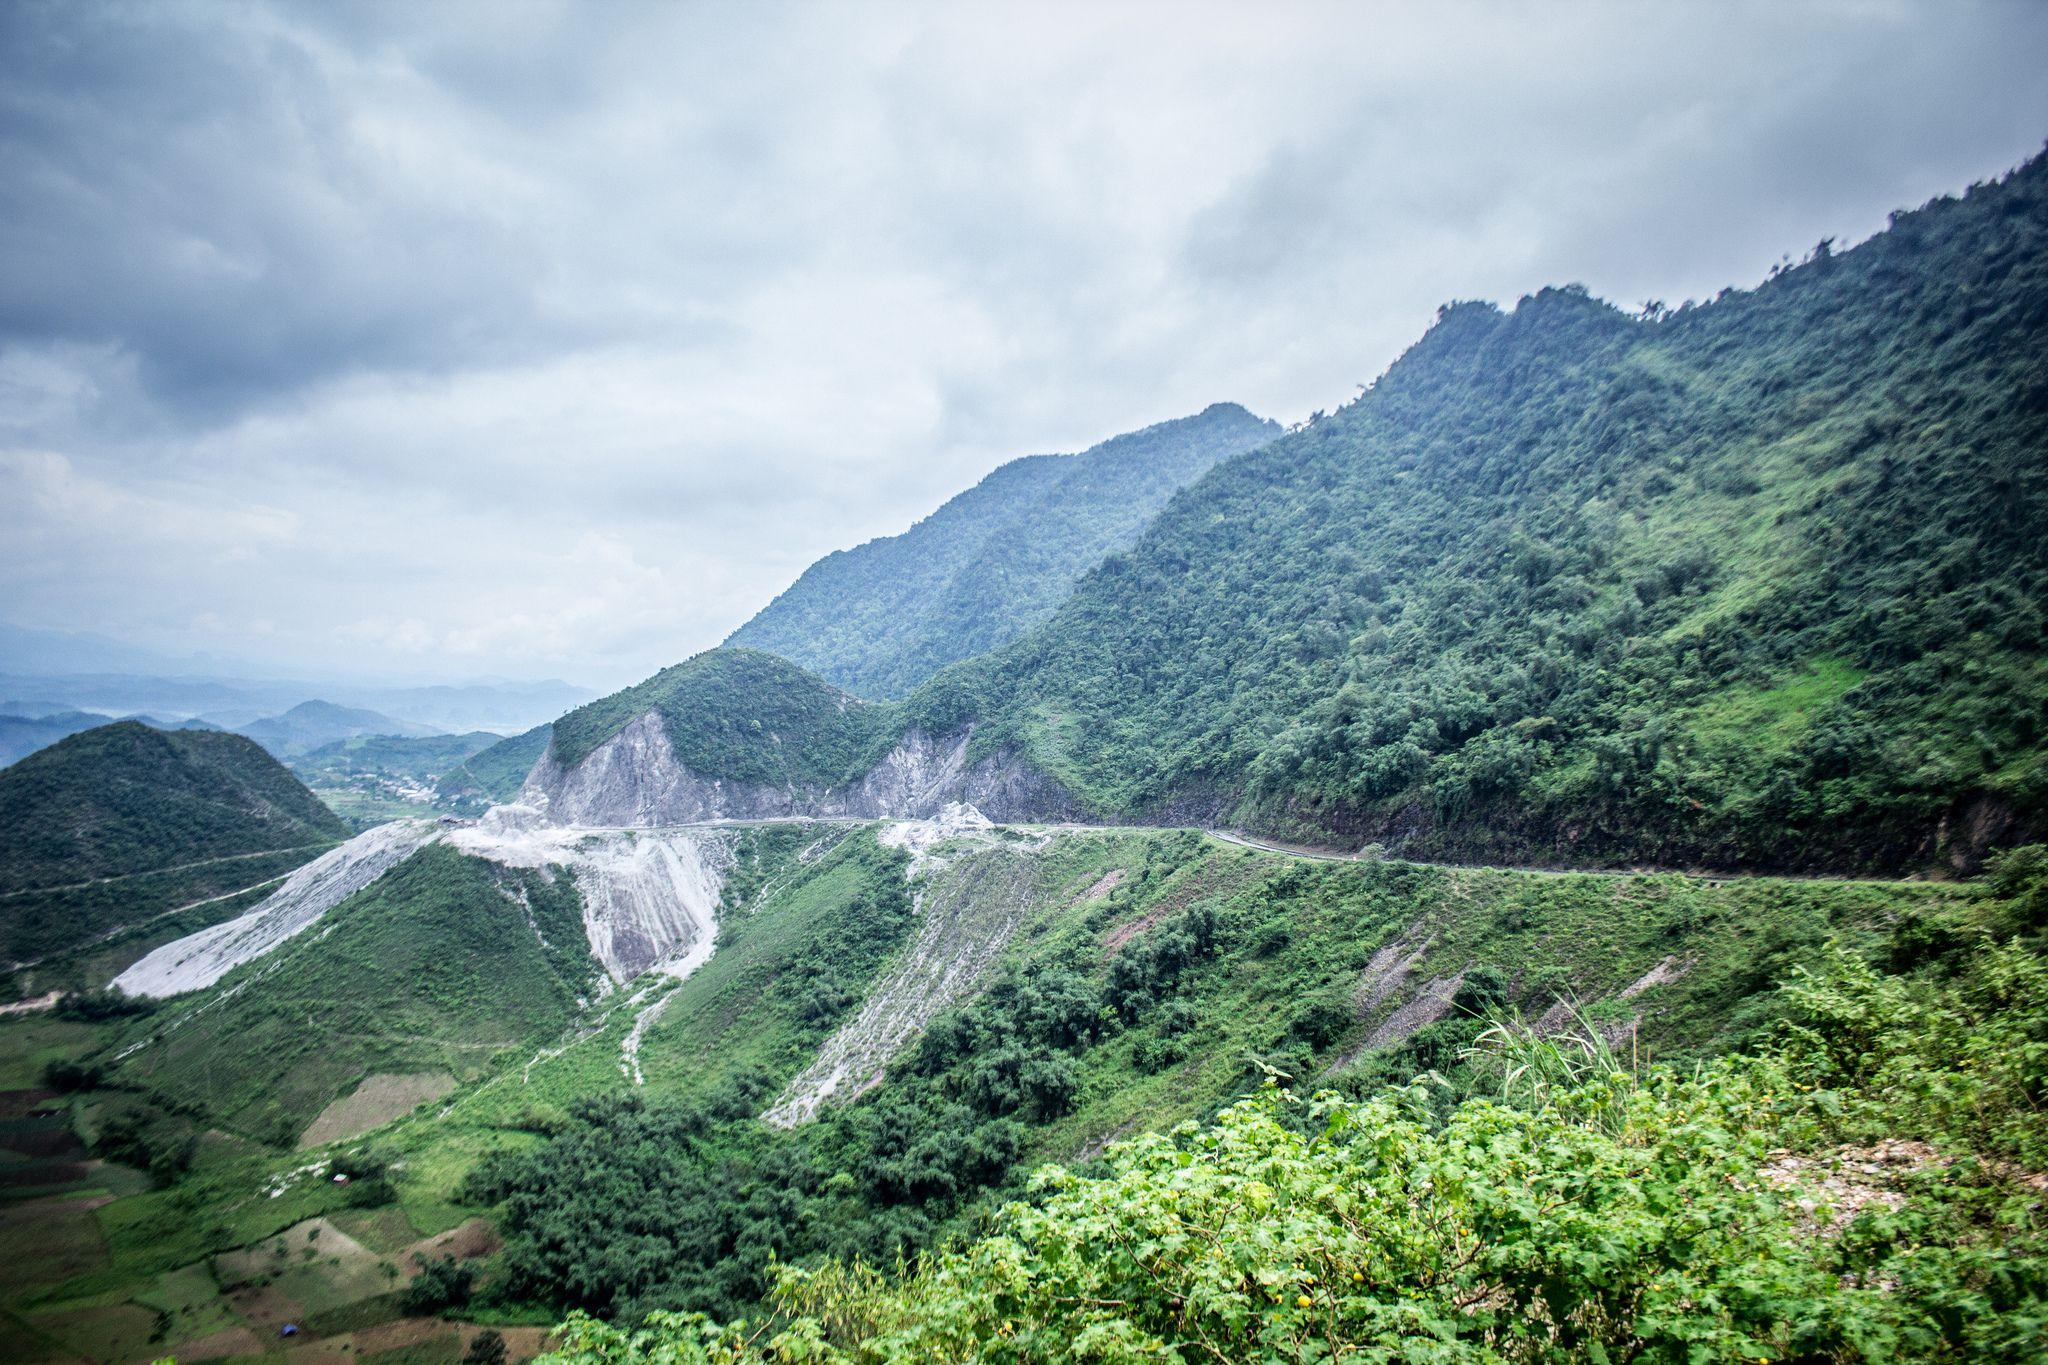 Đèo Thung Khe đi ngang qua những ngọn núi nối tiếp nhau